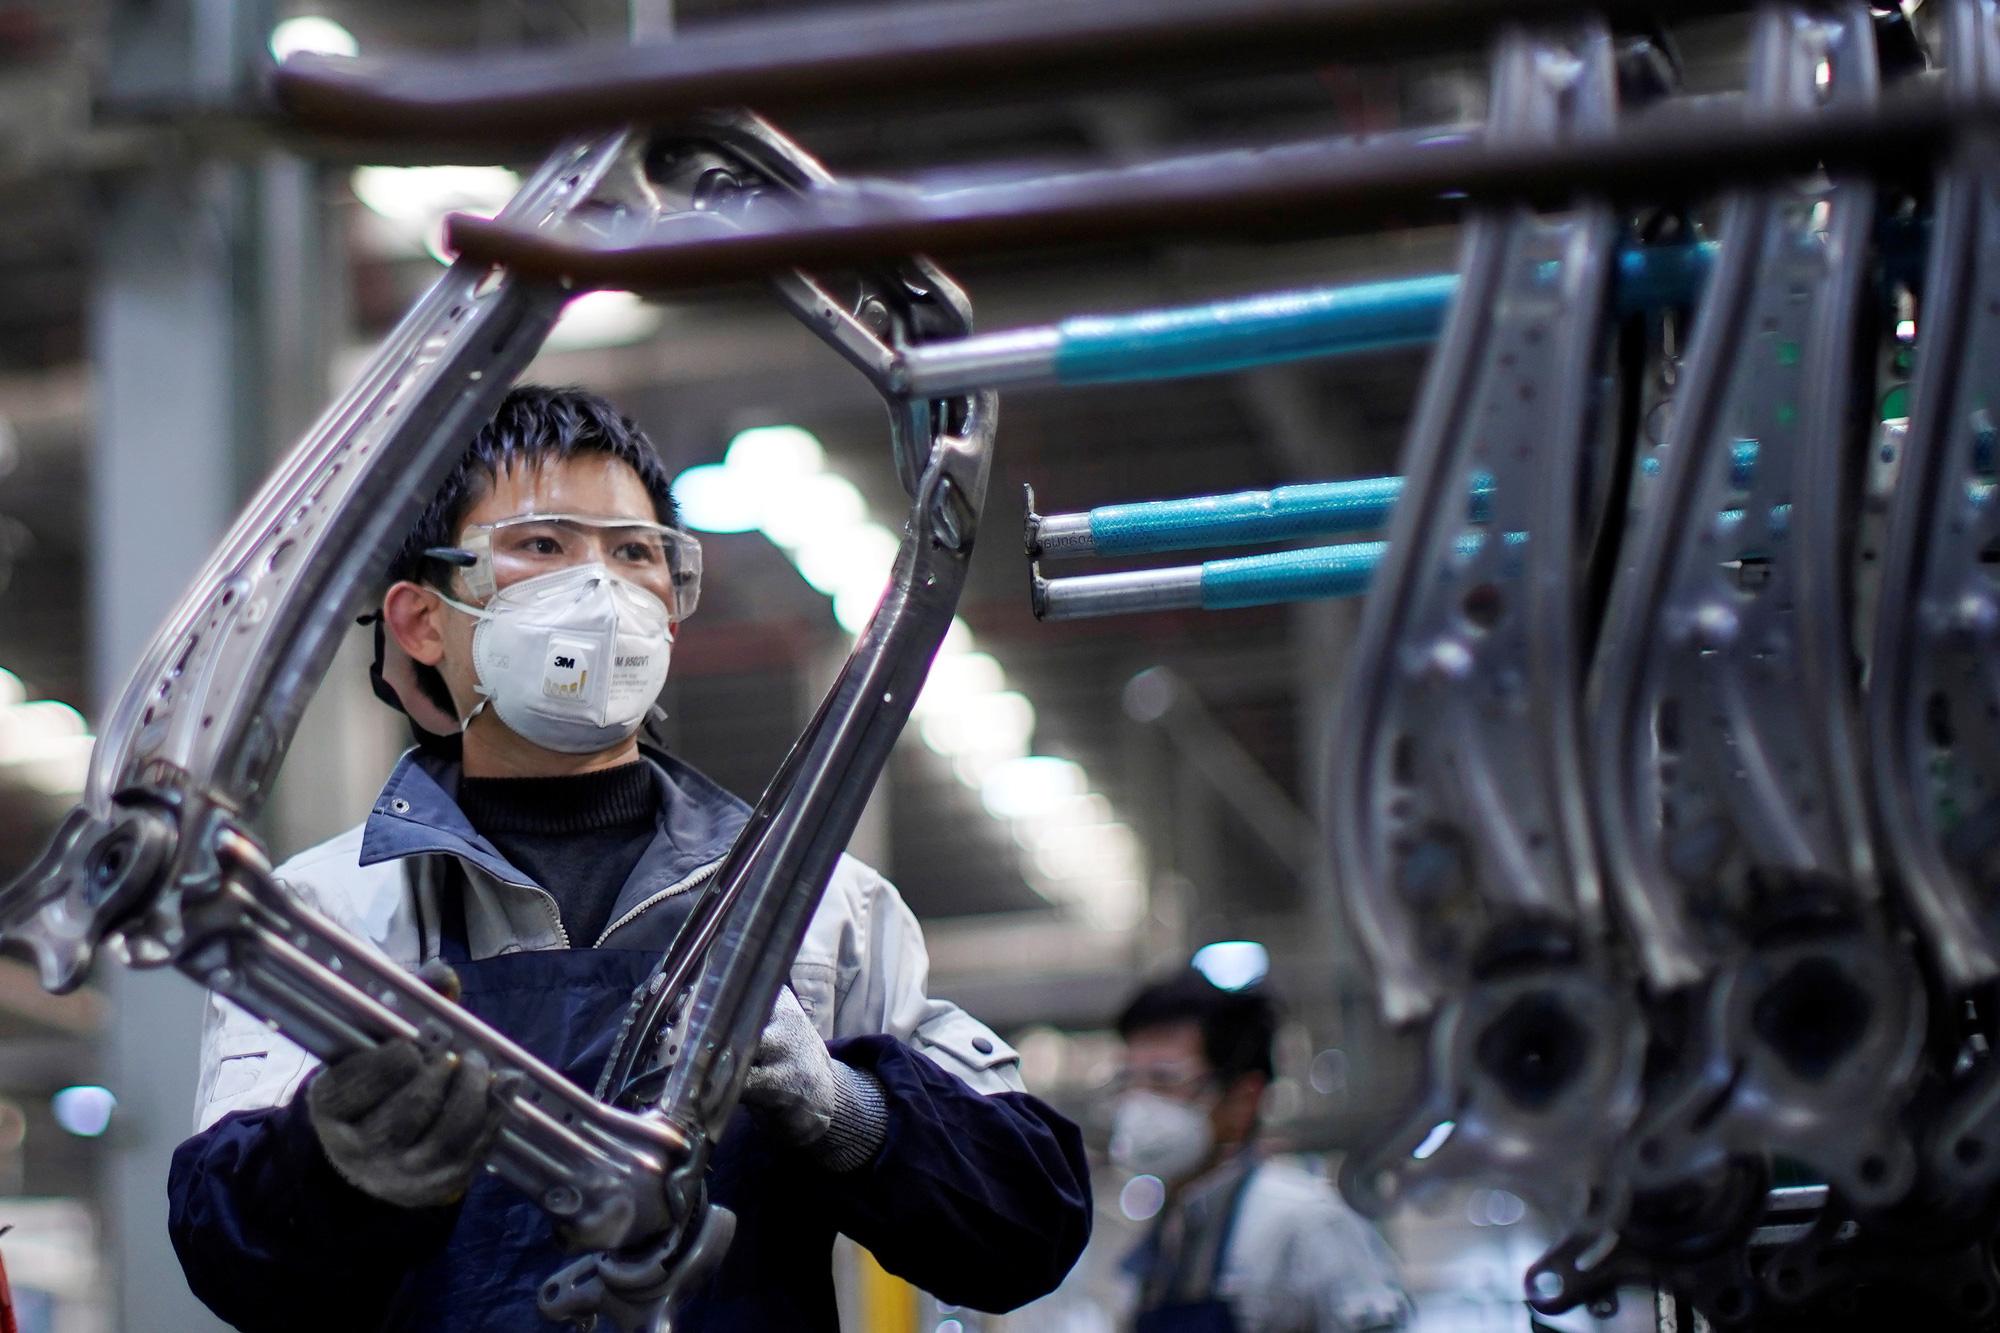 Đến ngành sản xuất ô tô đối mặt với doanh thu thua lỗ hơn 100 tỉ USD - Ảnh 1.